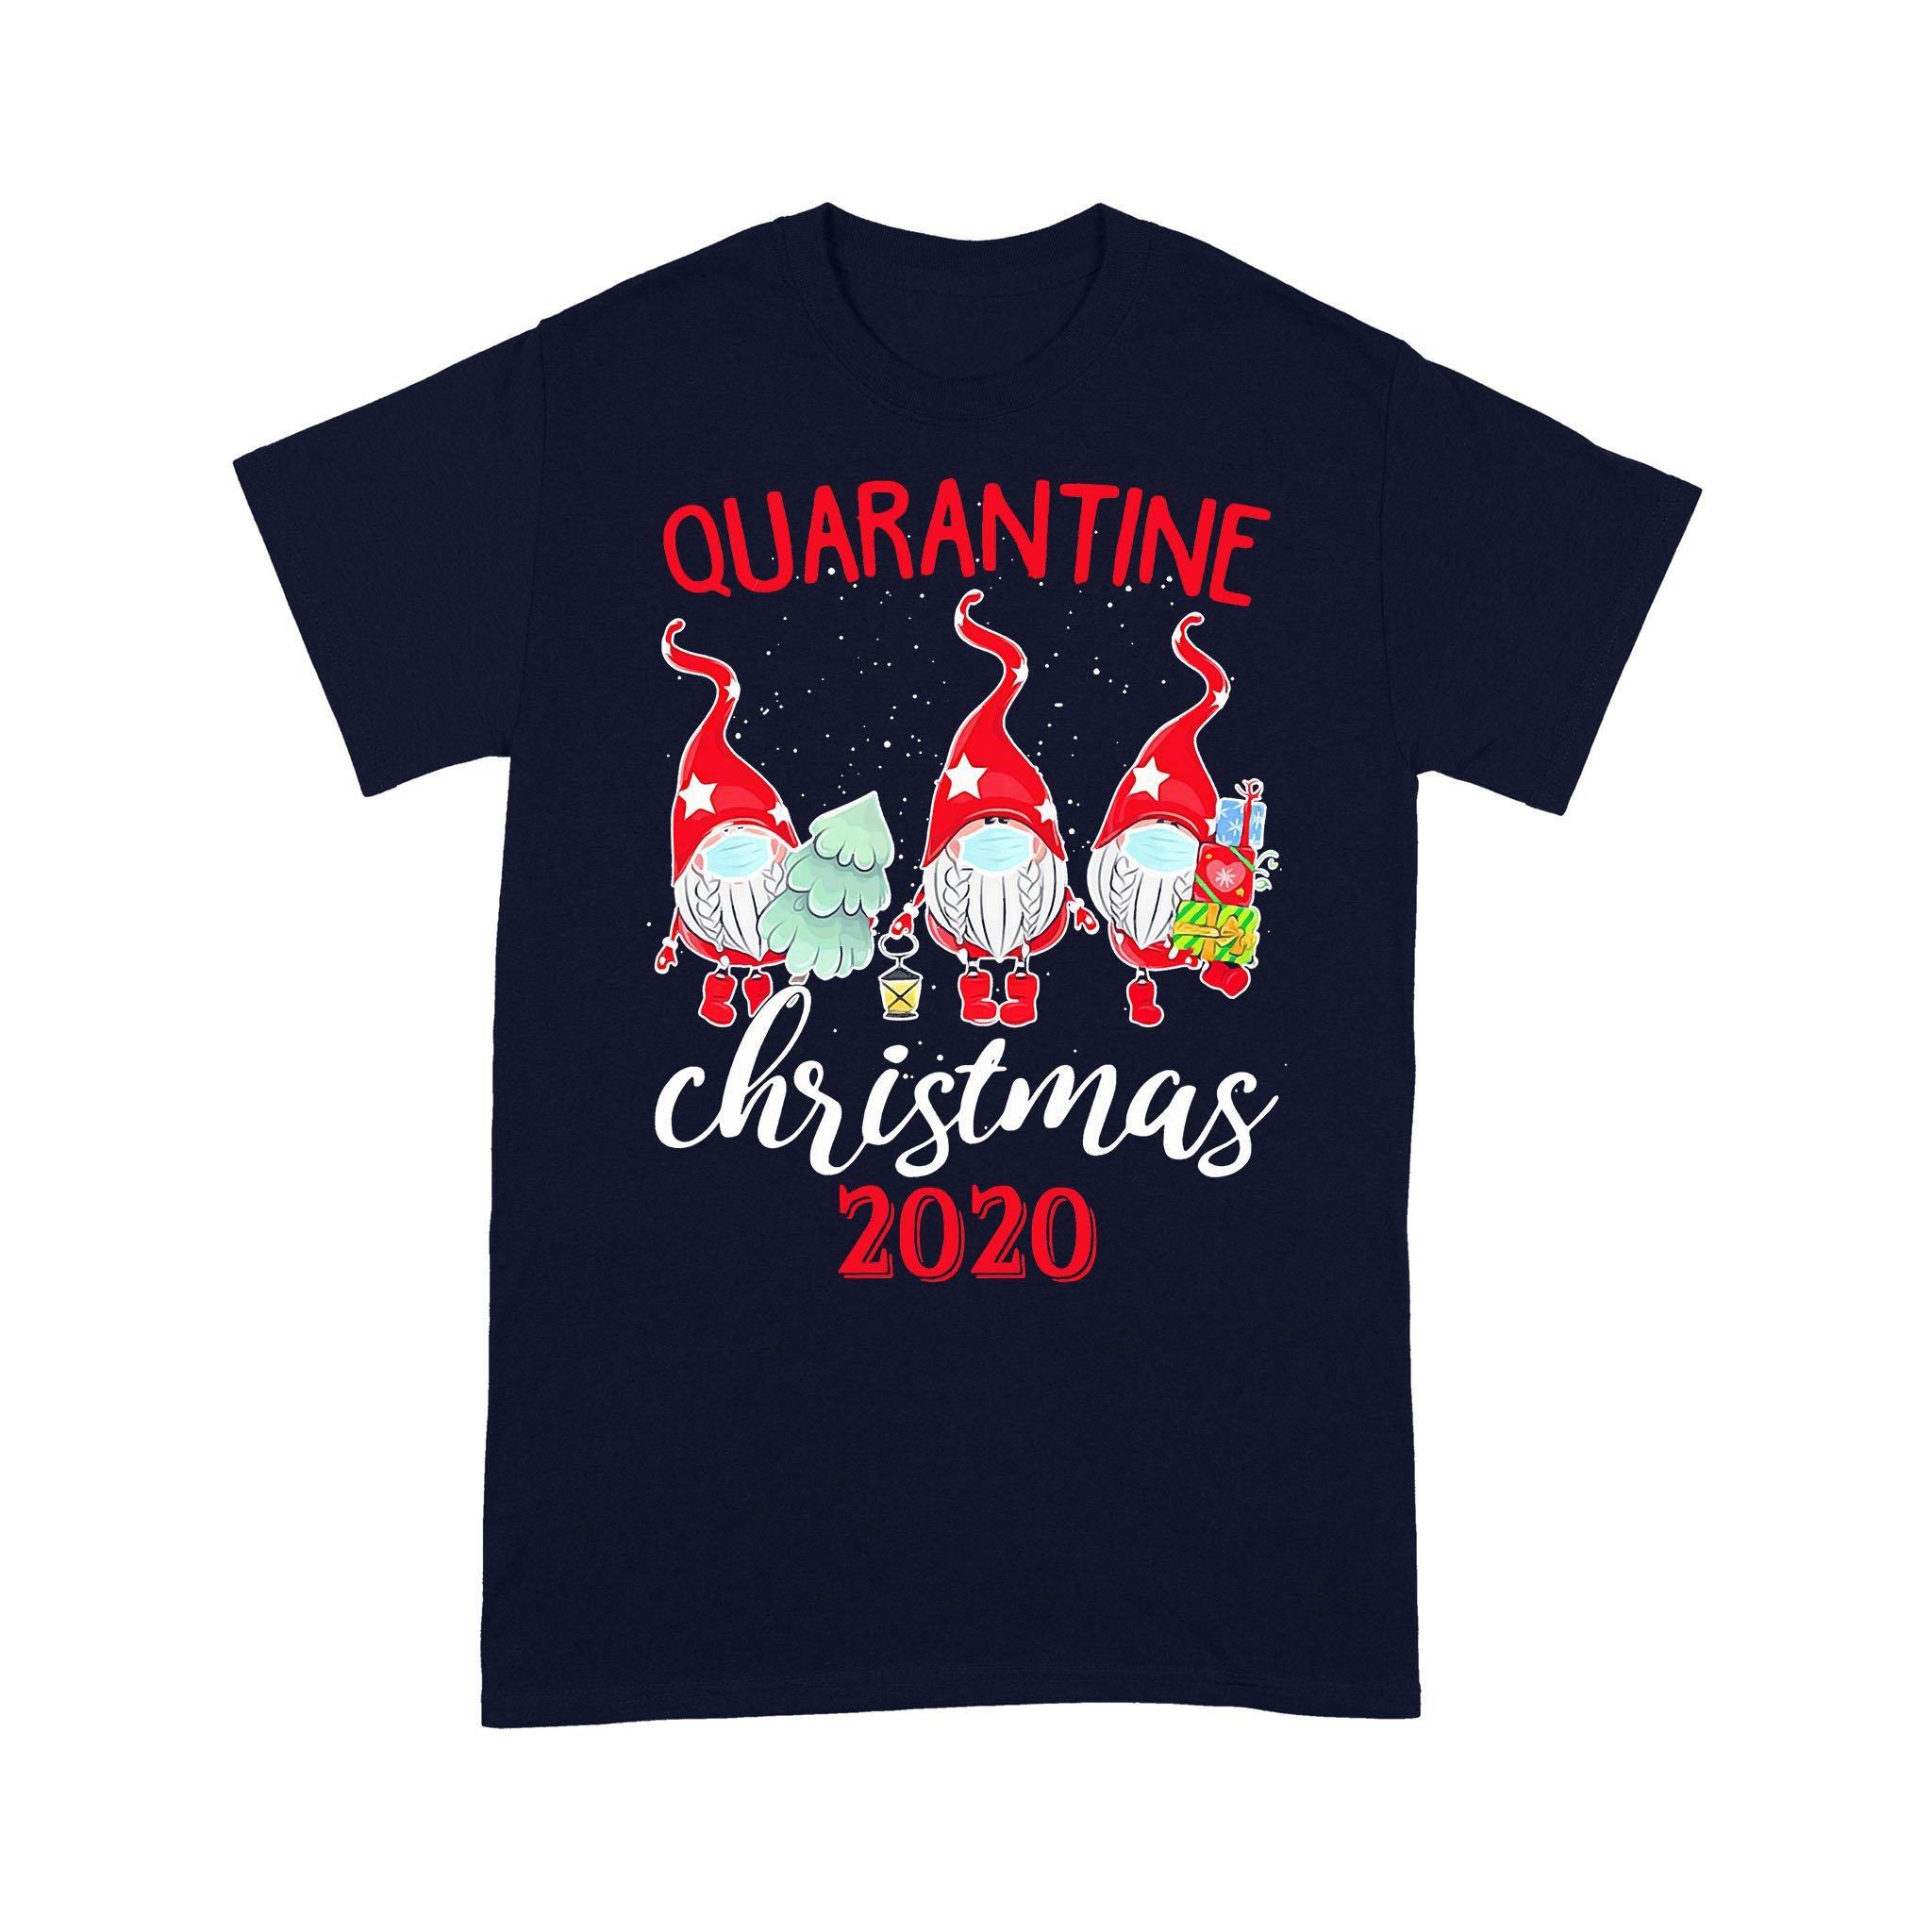 Gnomies Quarantine Christmas 2020 T-shirt